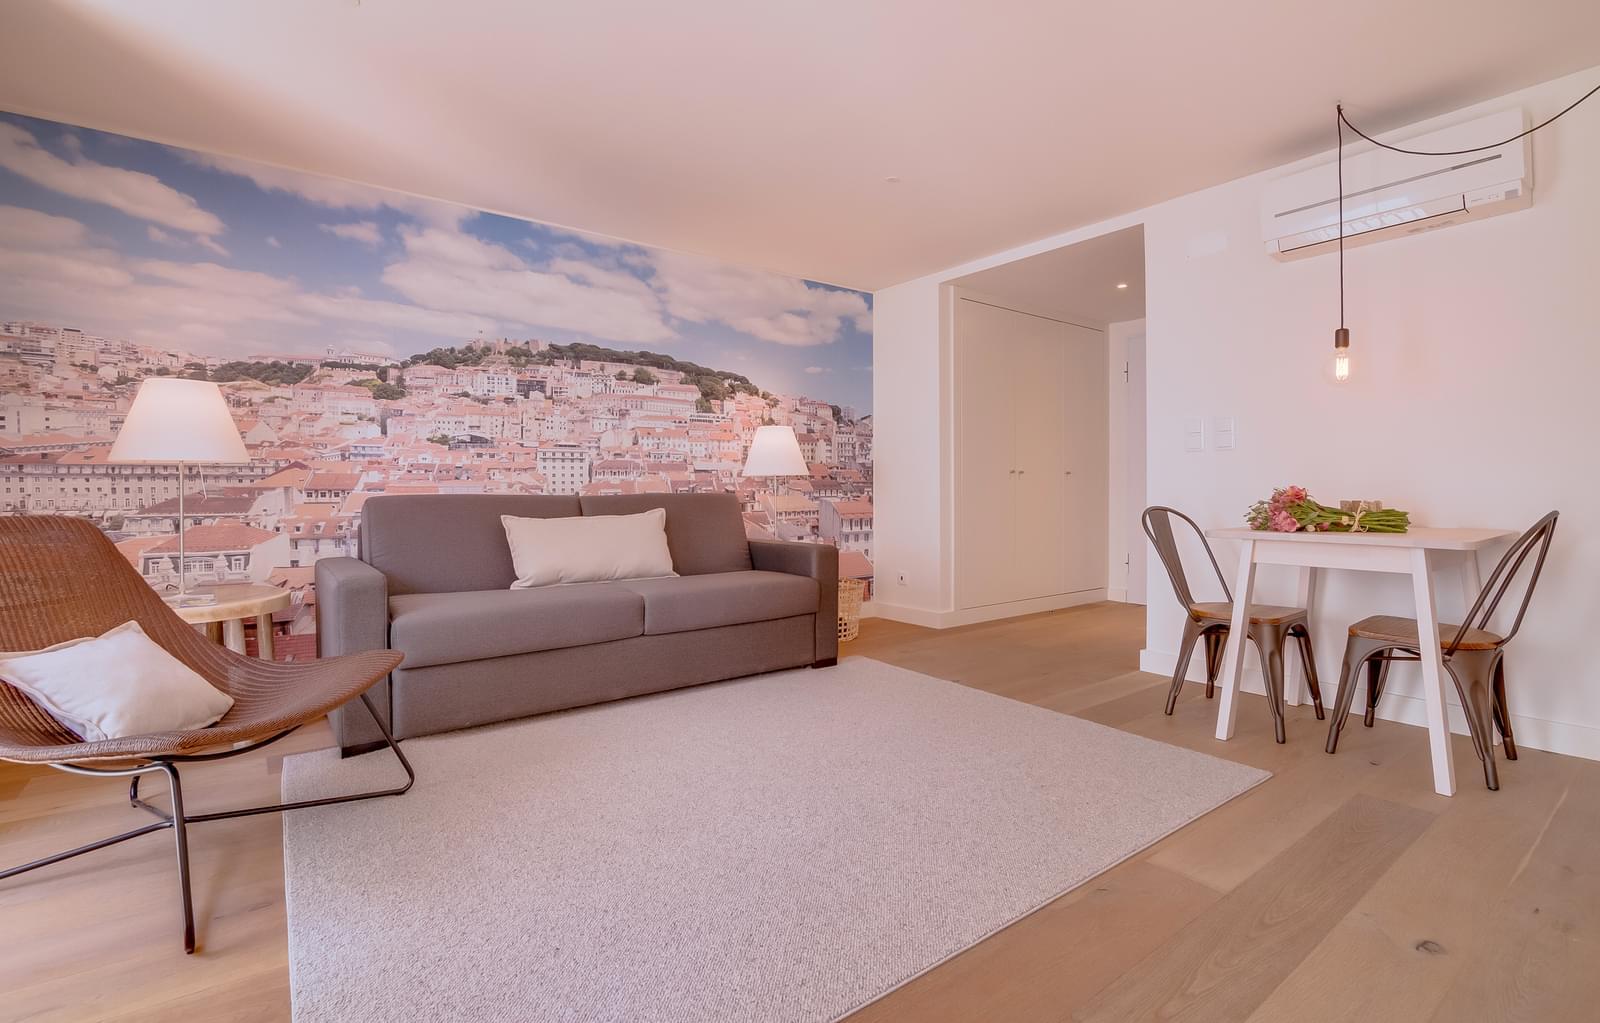 pf16967-apartamento-t0-lisboa-86a7a9d1-38a6-46e3-bdfc-7841897af664